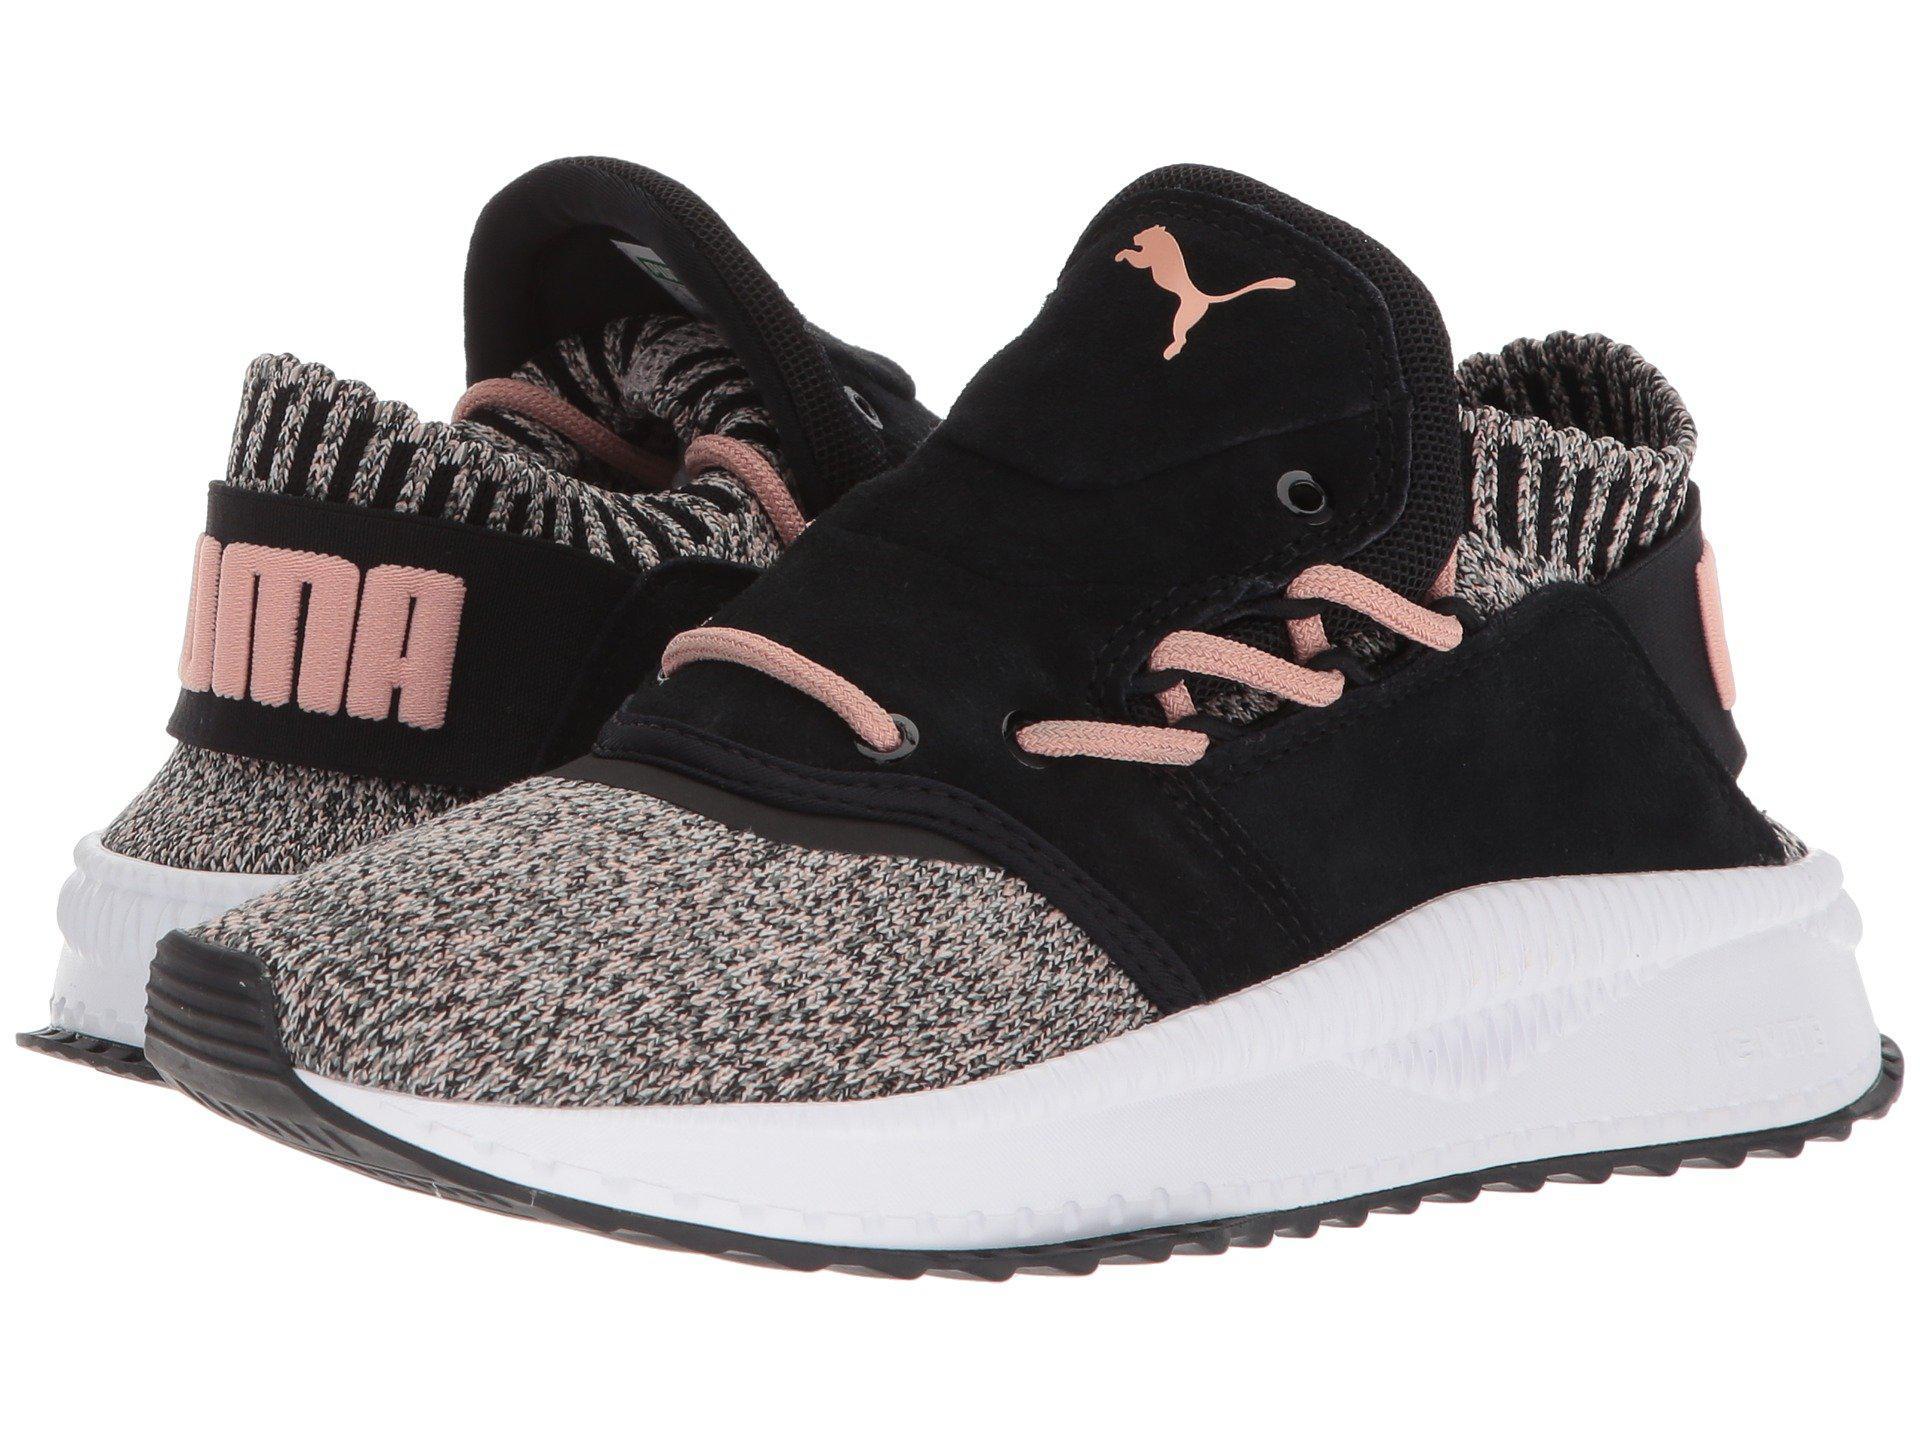 49ebe321e3e7 Lyst - Puma Tsugi Shinsei Evoknit Wn Sneaker in Black - Save ...